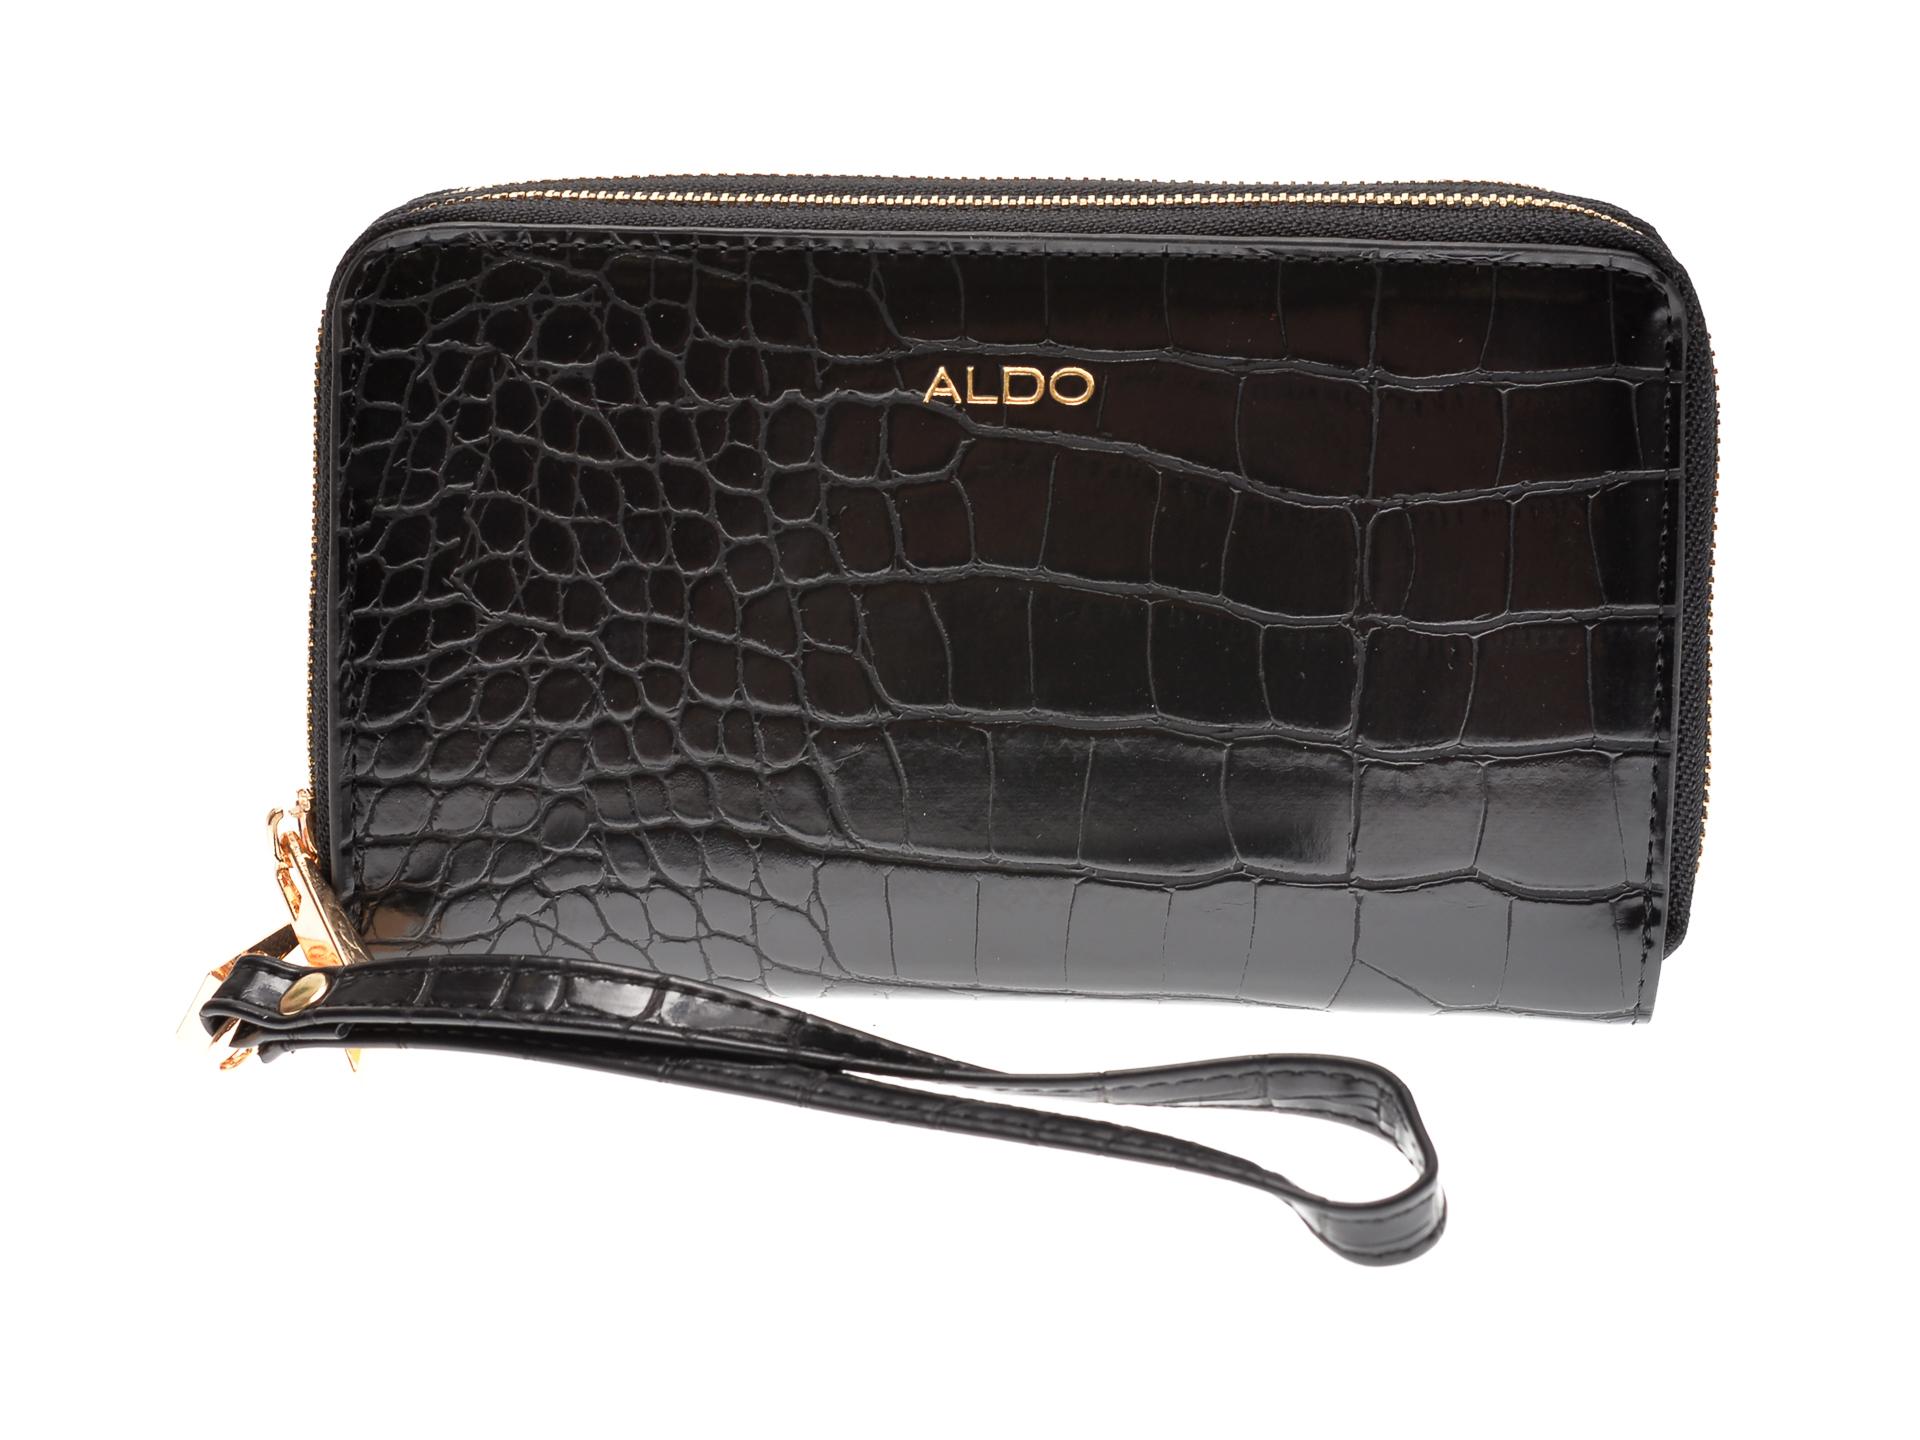 Portofel ALDO negru, Aforeri007, din piele ecologica imagine